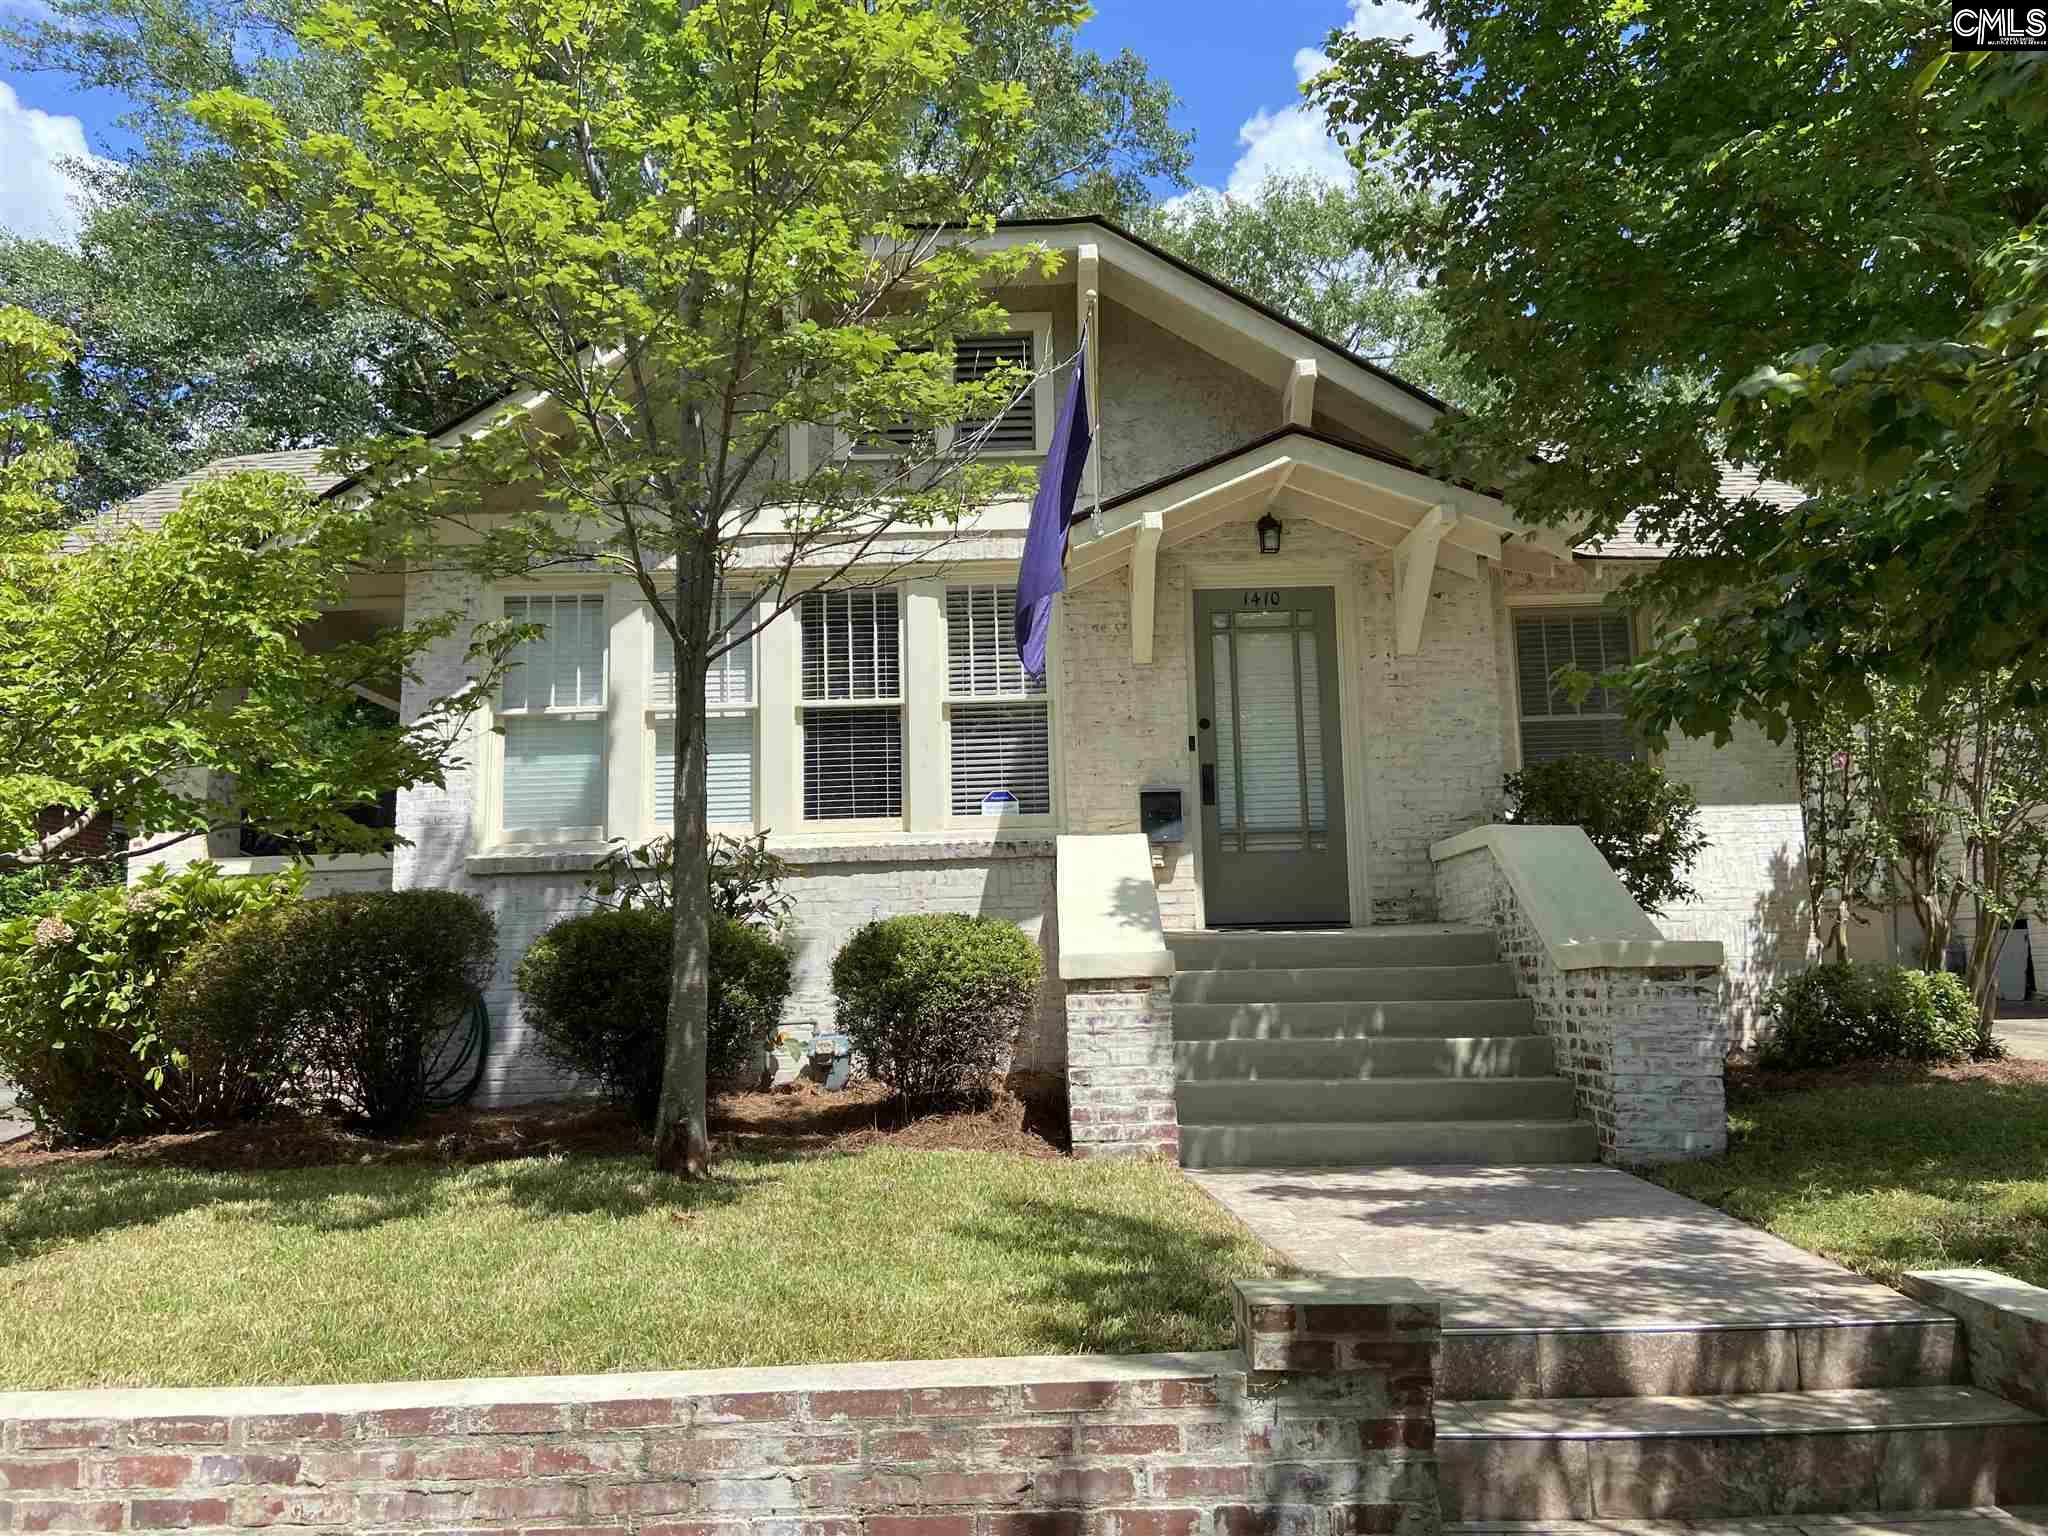 1410 Woodrow Columbia, SC 29205